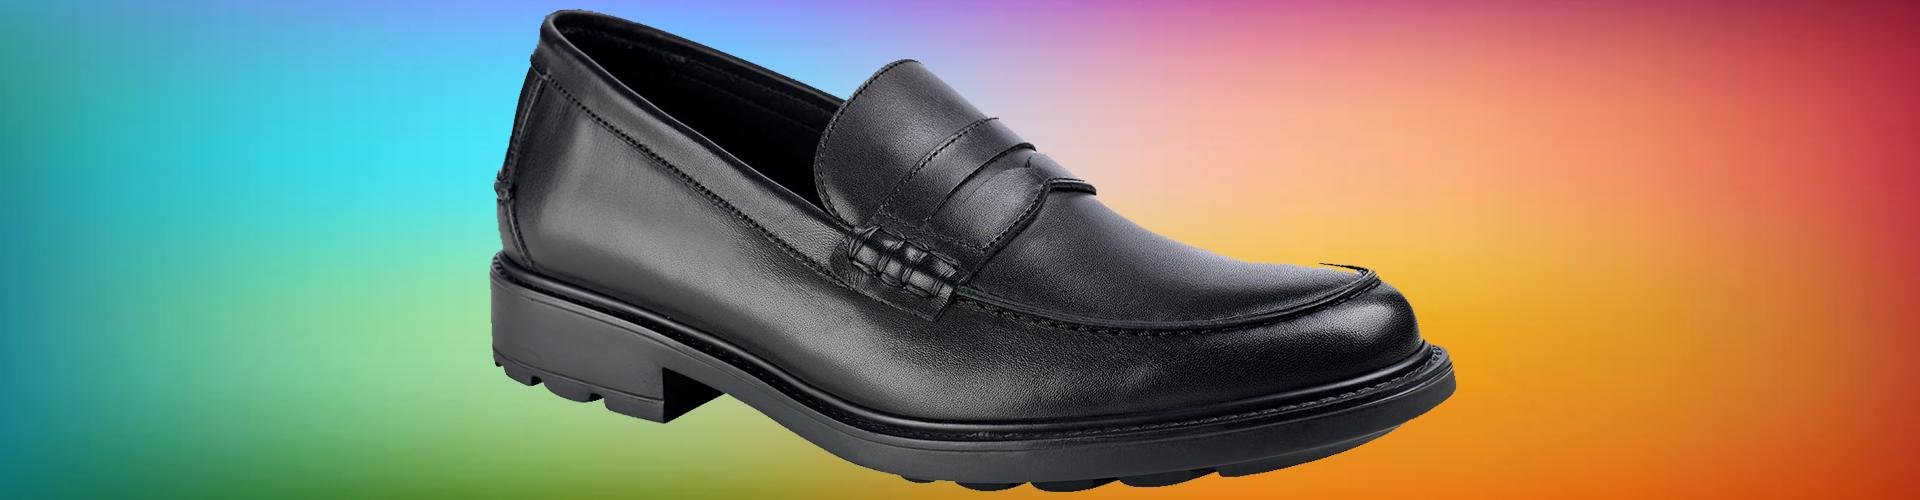 zapato-vestir-grande